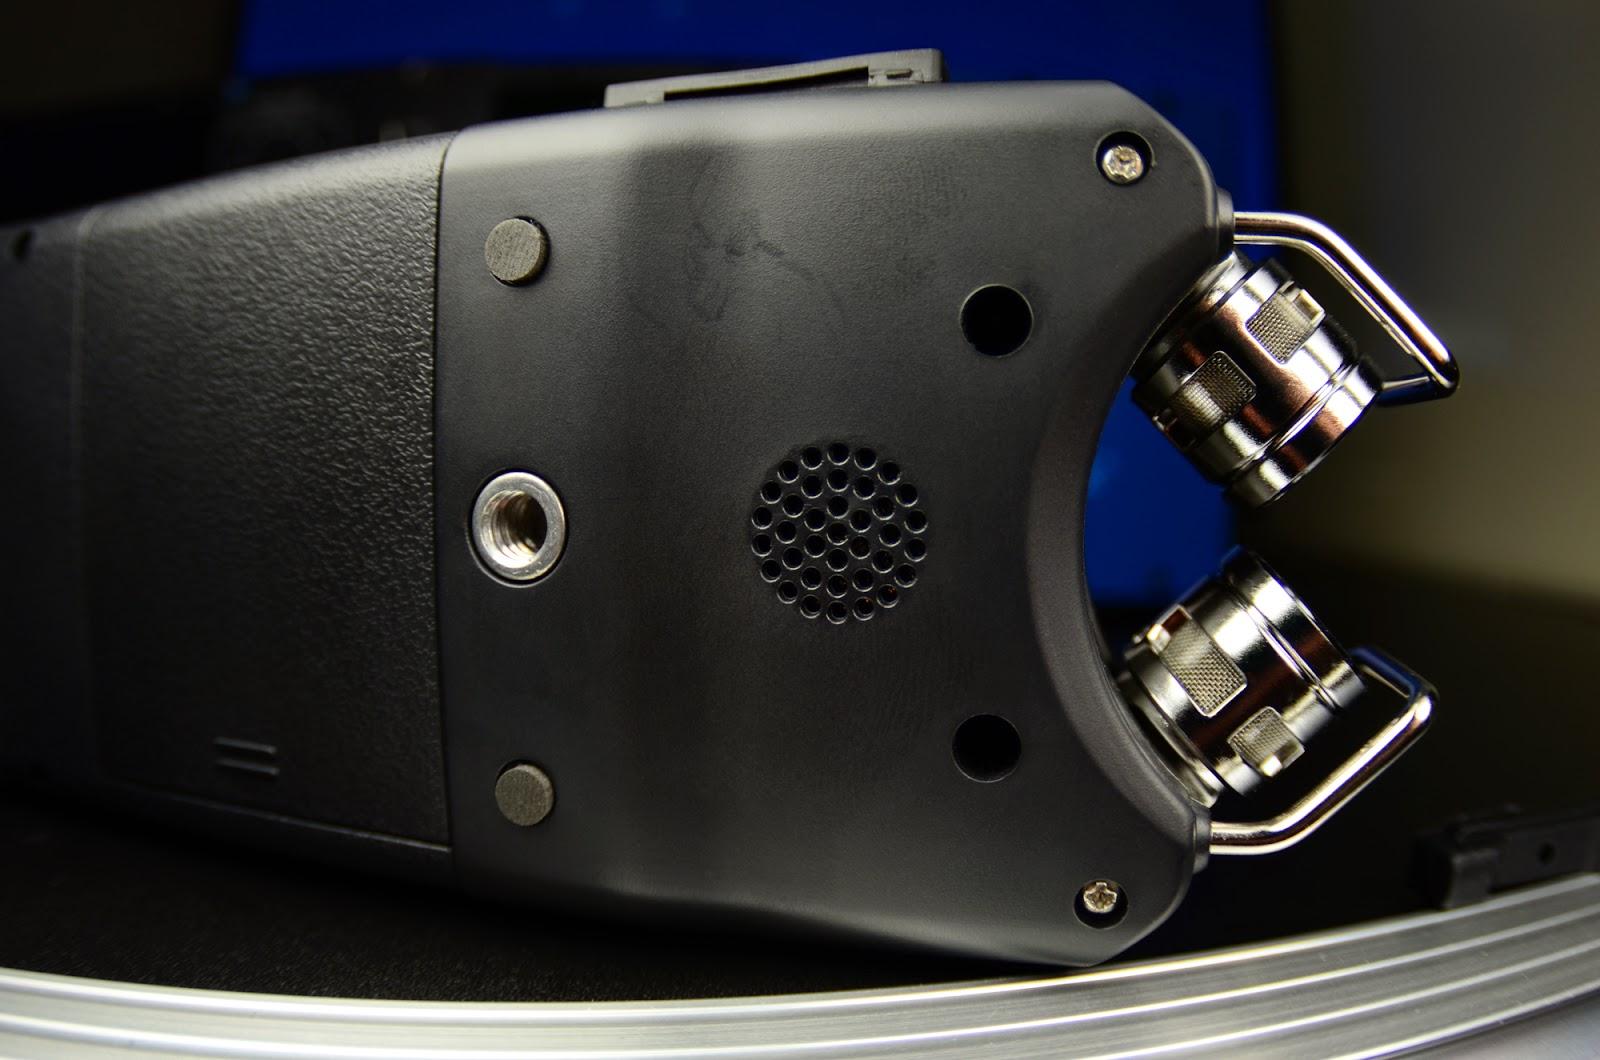 trenton blizzard tascam dr-40 speaker